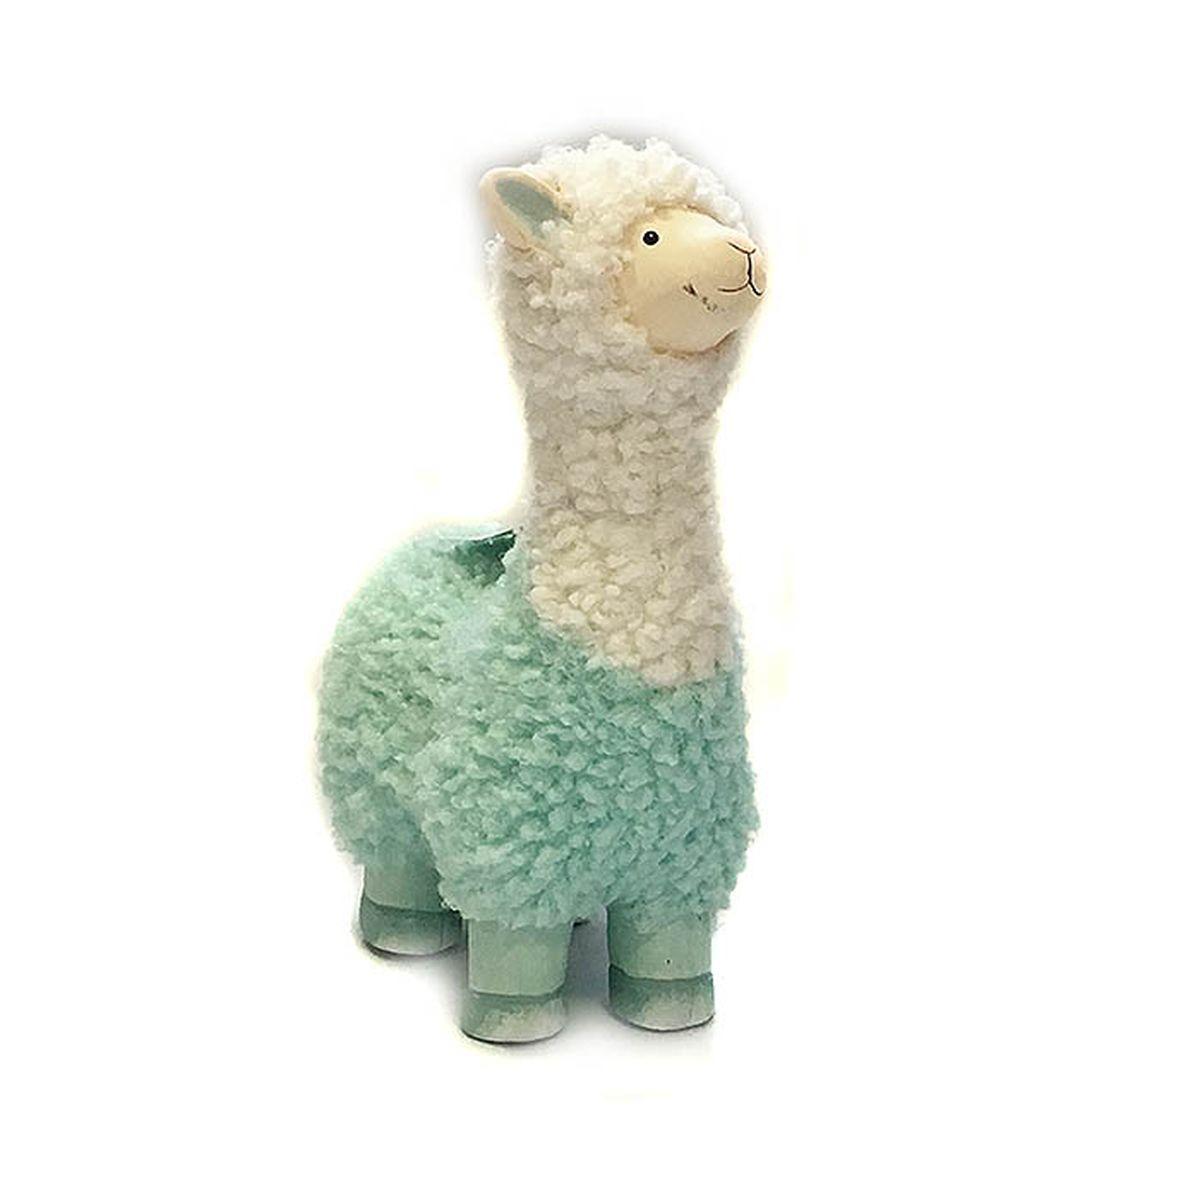 Фигурка декоративная Village People Голубая овечка, белый, голубой, 19,5 х 13 х 7,5 см цены онлайн